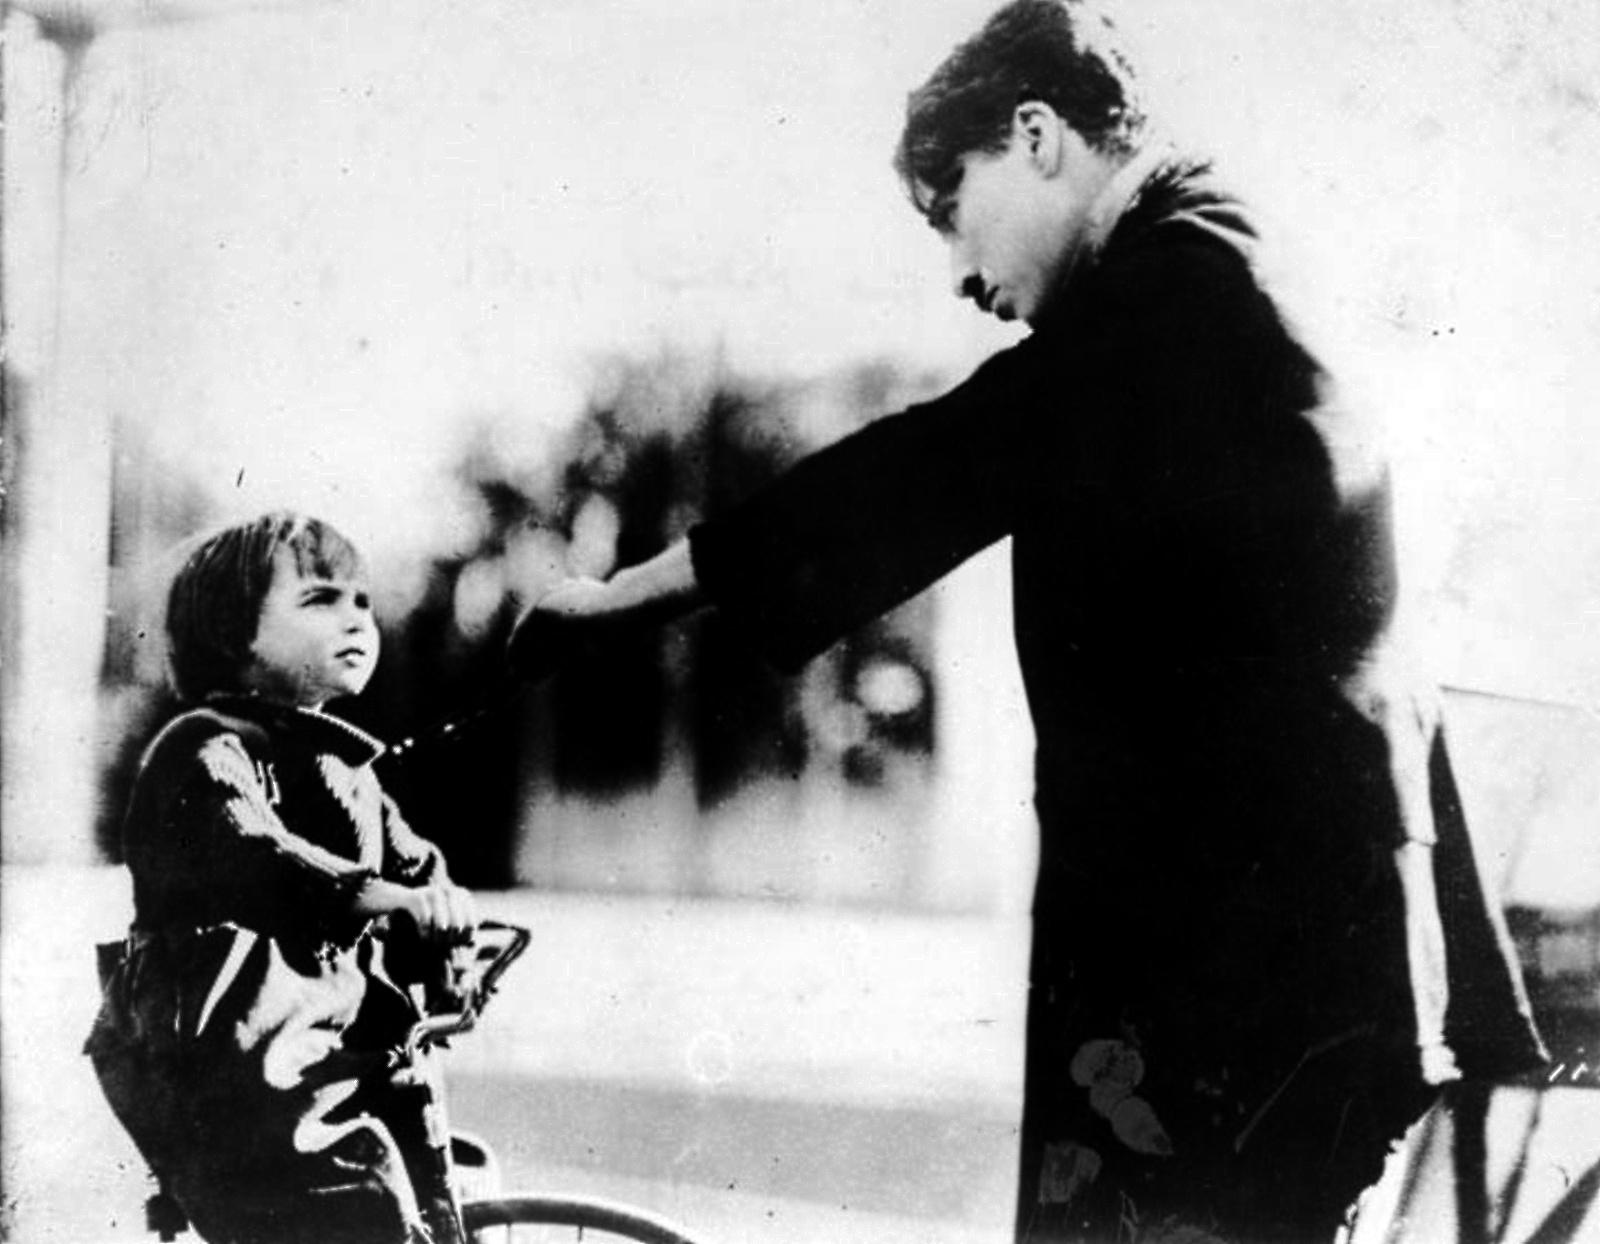 http://www.doctormacro.com/Images/Chaplin,%20Charlie/Annex/NRFPT/Annex%20-%20Chaplin,%20Charlie%20(Kid,%20The)_NRFPT_10.jpg